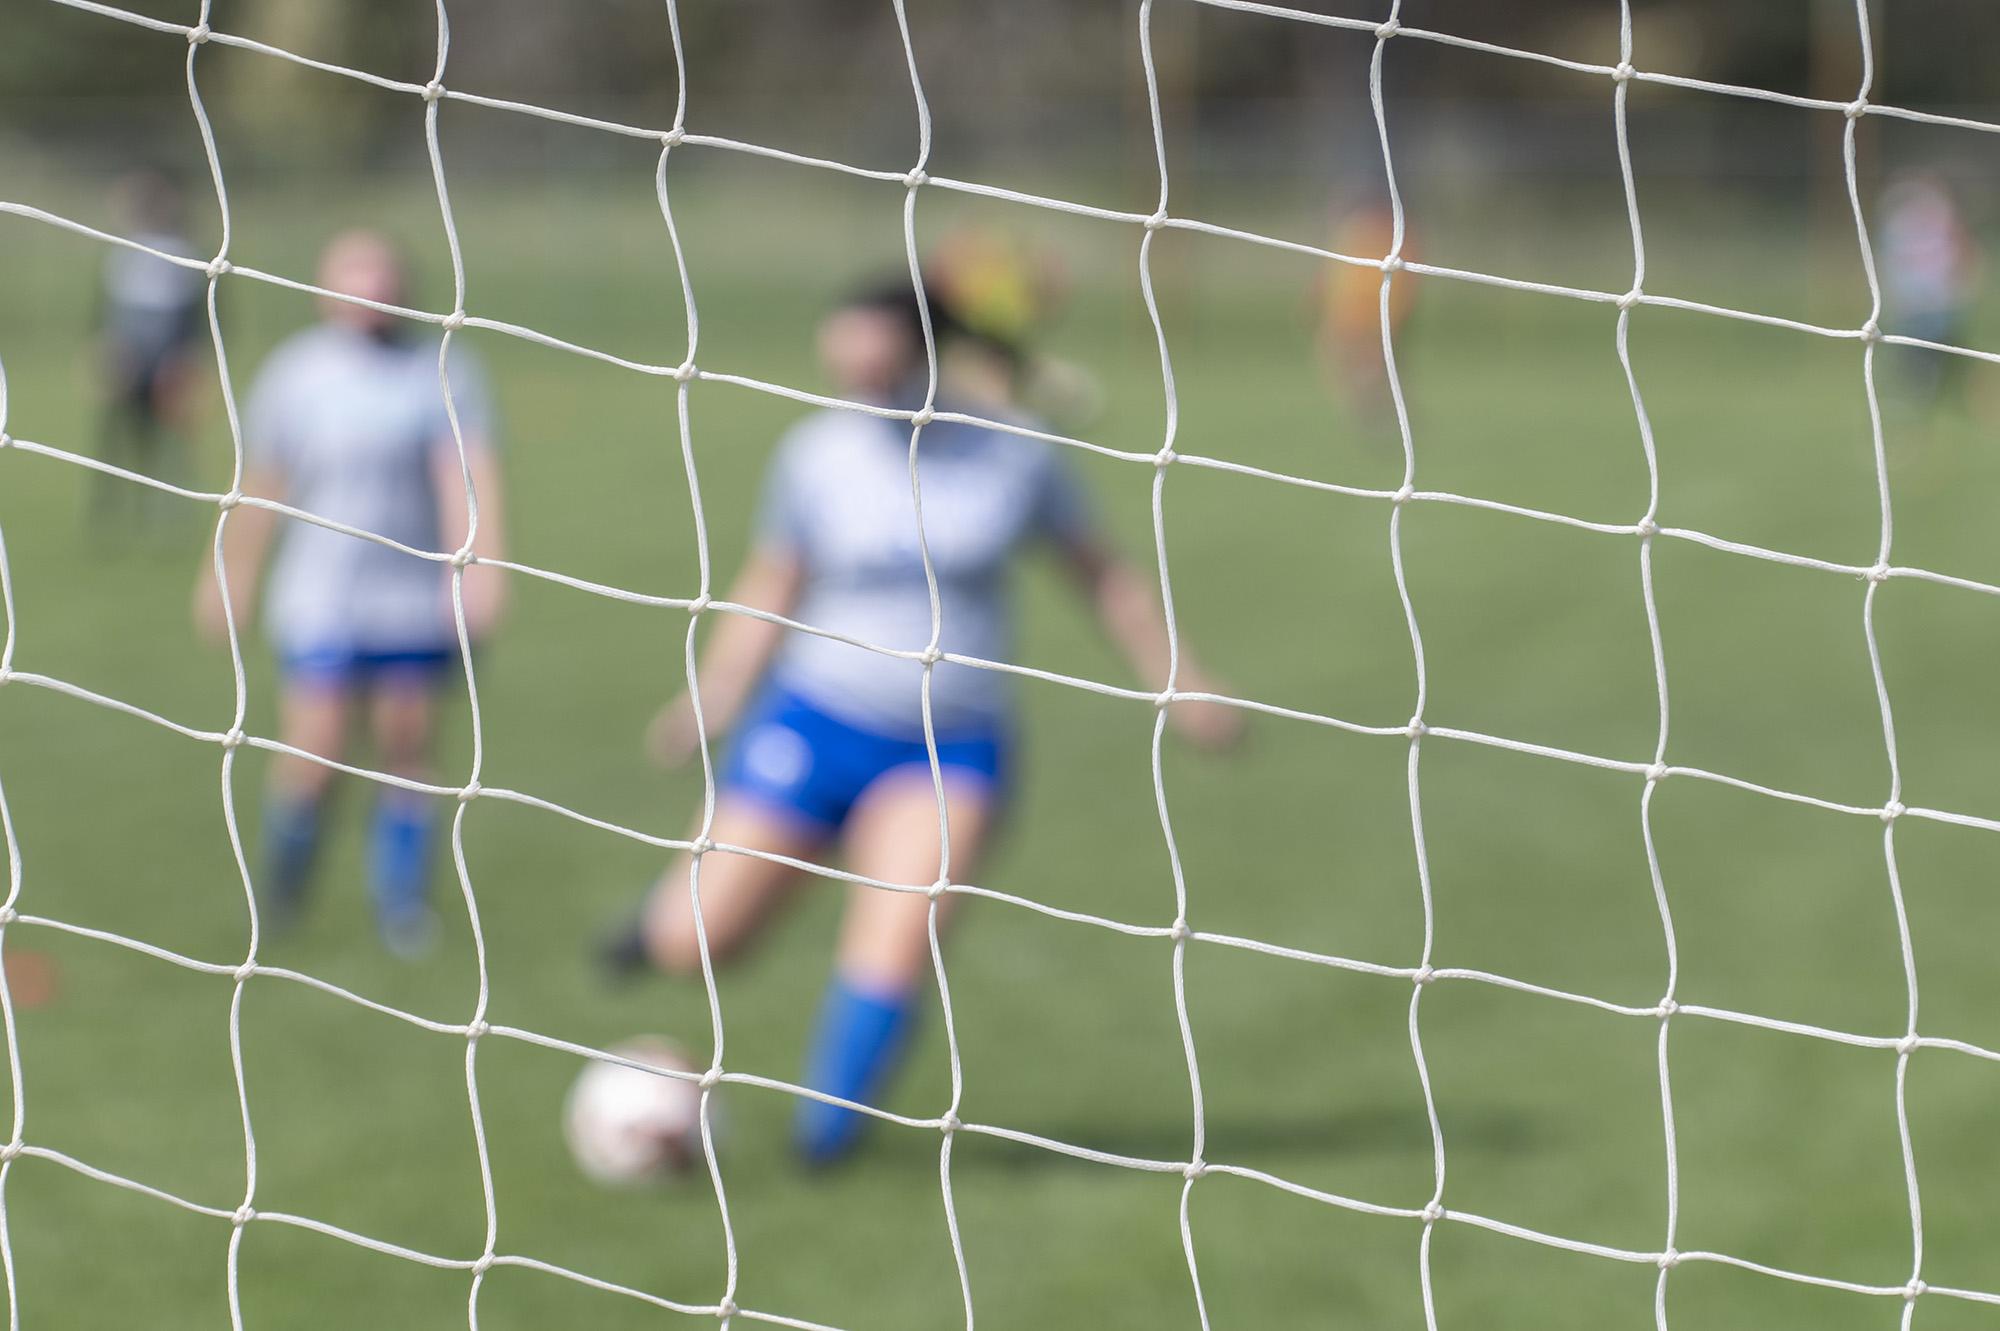 A soccer player kicks a ball into the goal.